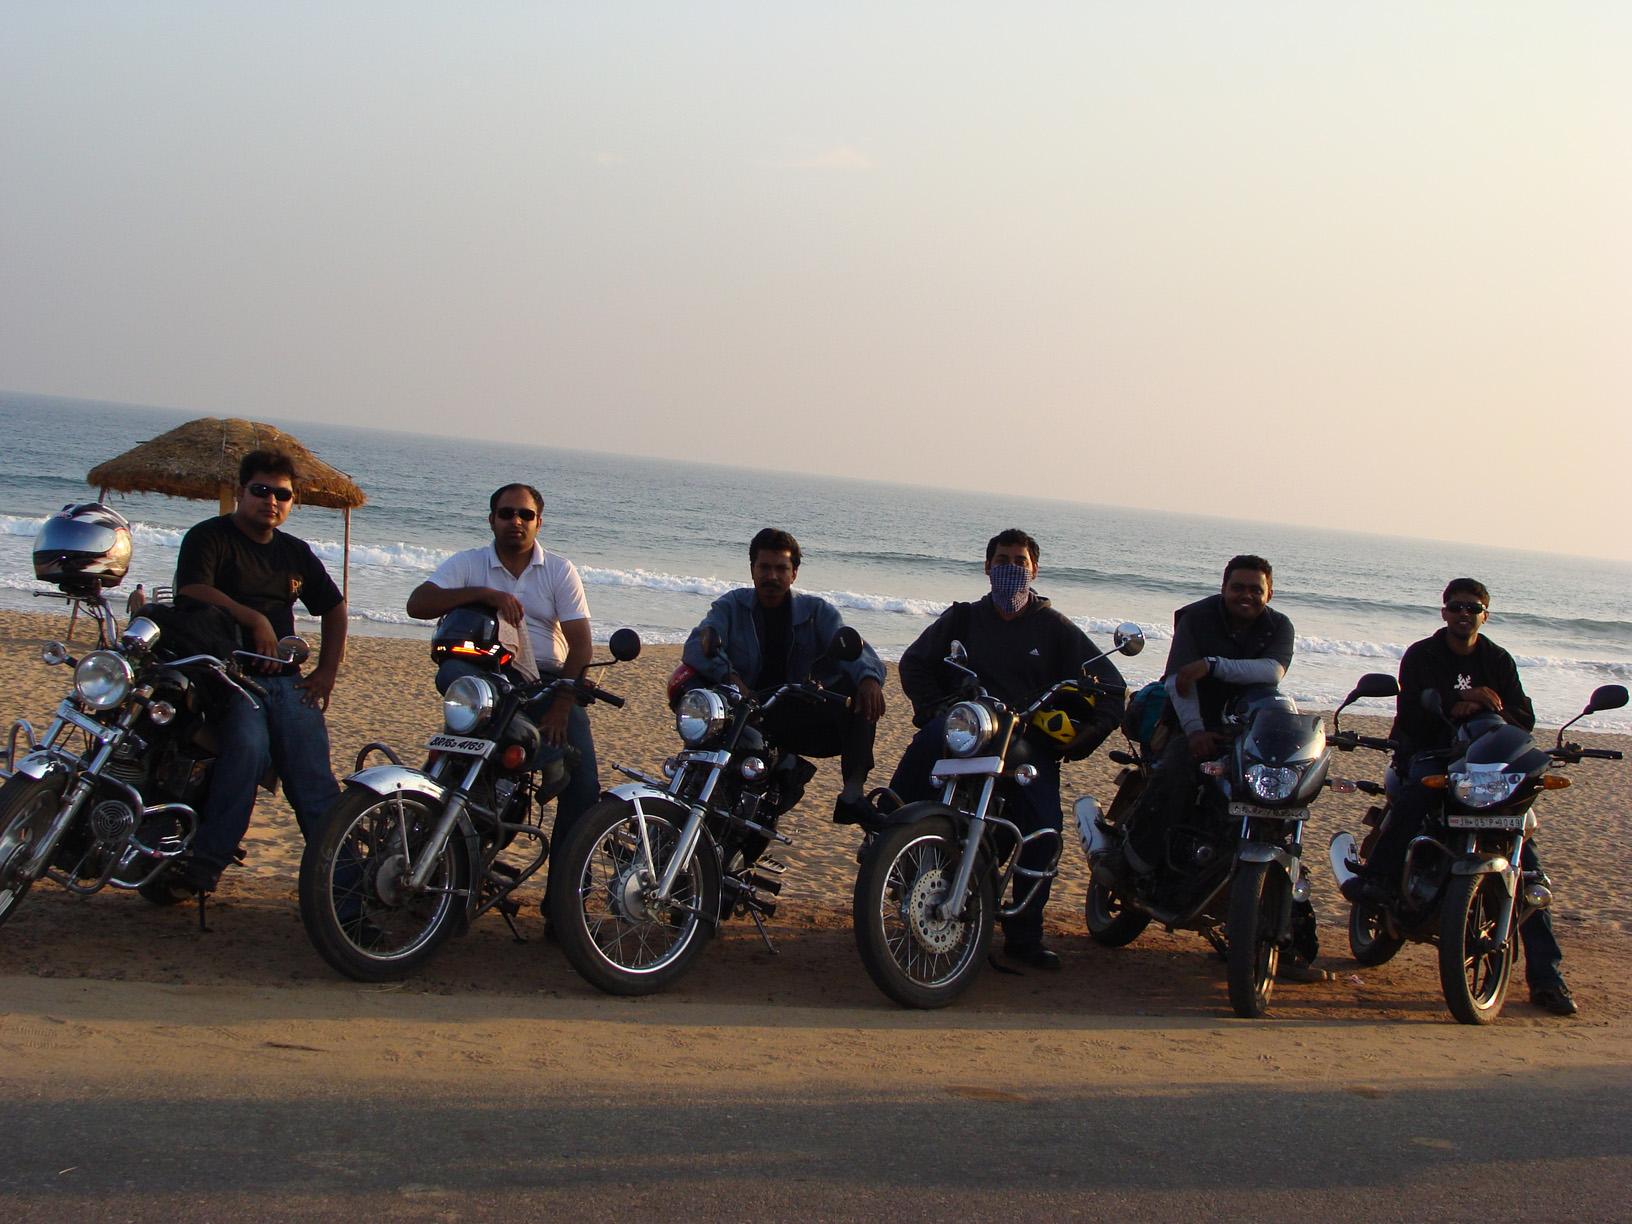 RoadMelters - Jamshedpur Bikers Club